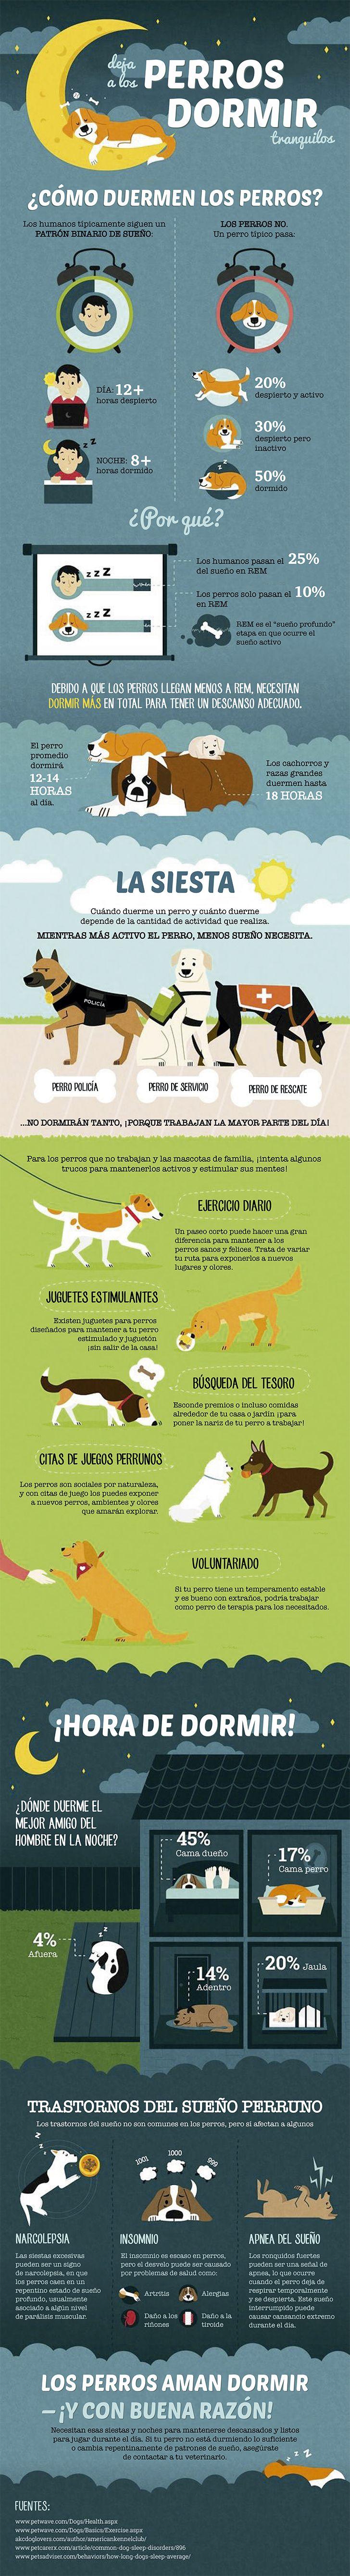 Photo of Algunos datos sobre el sueño de los perros que debes saber